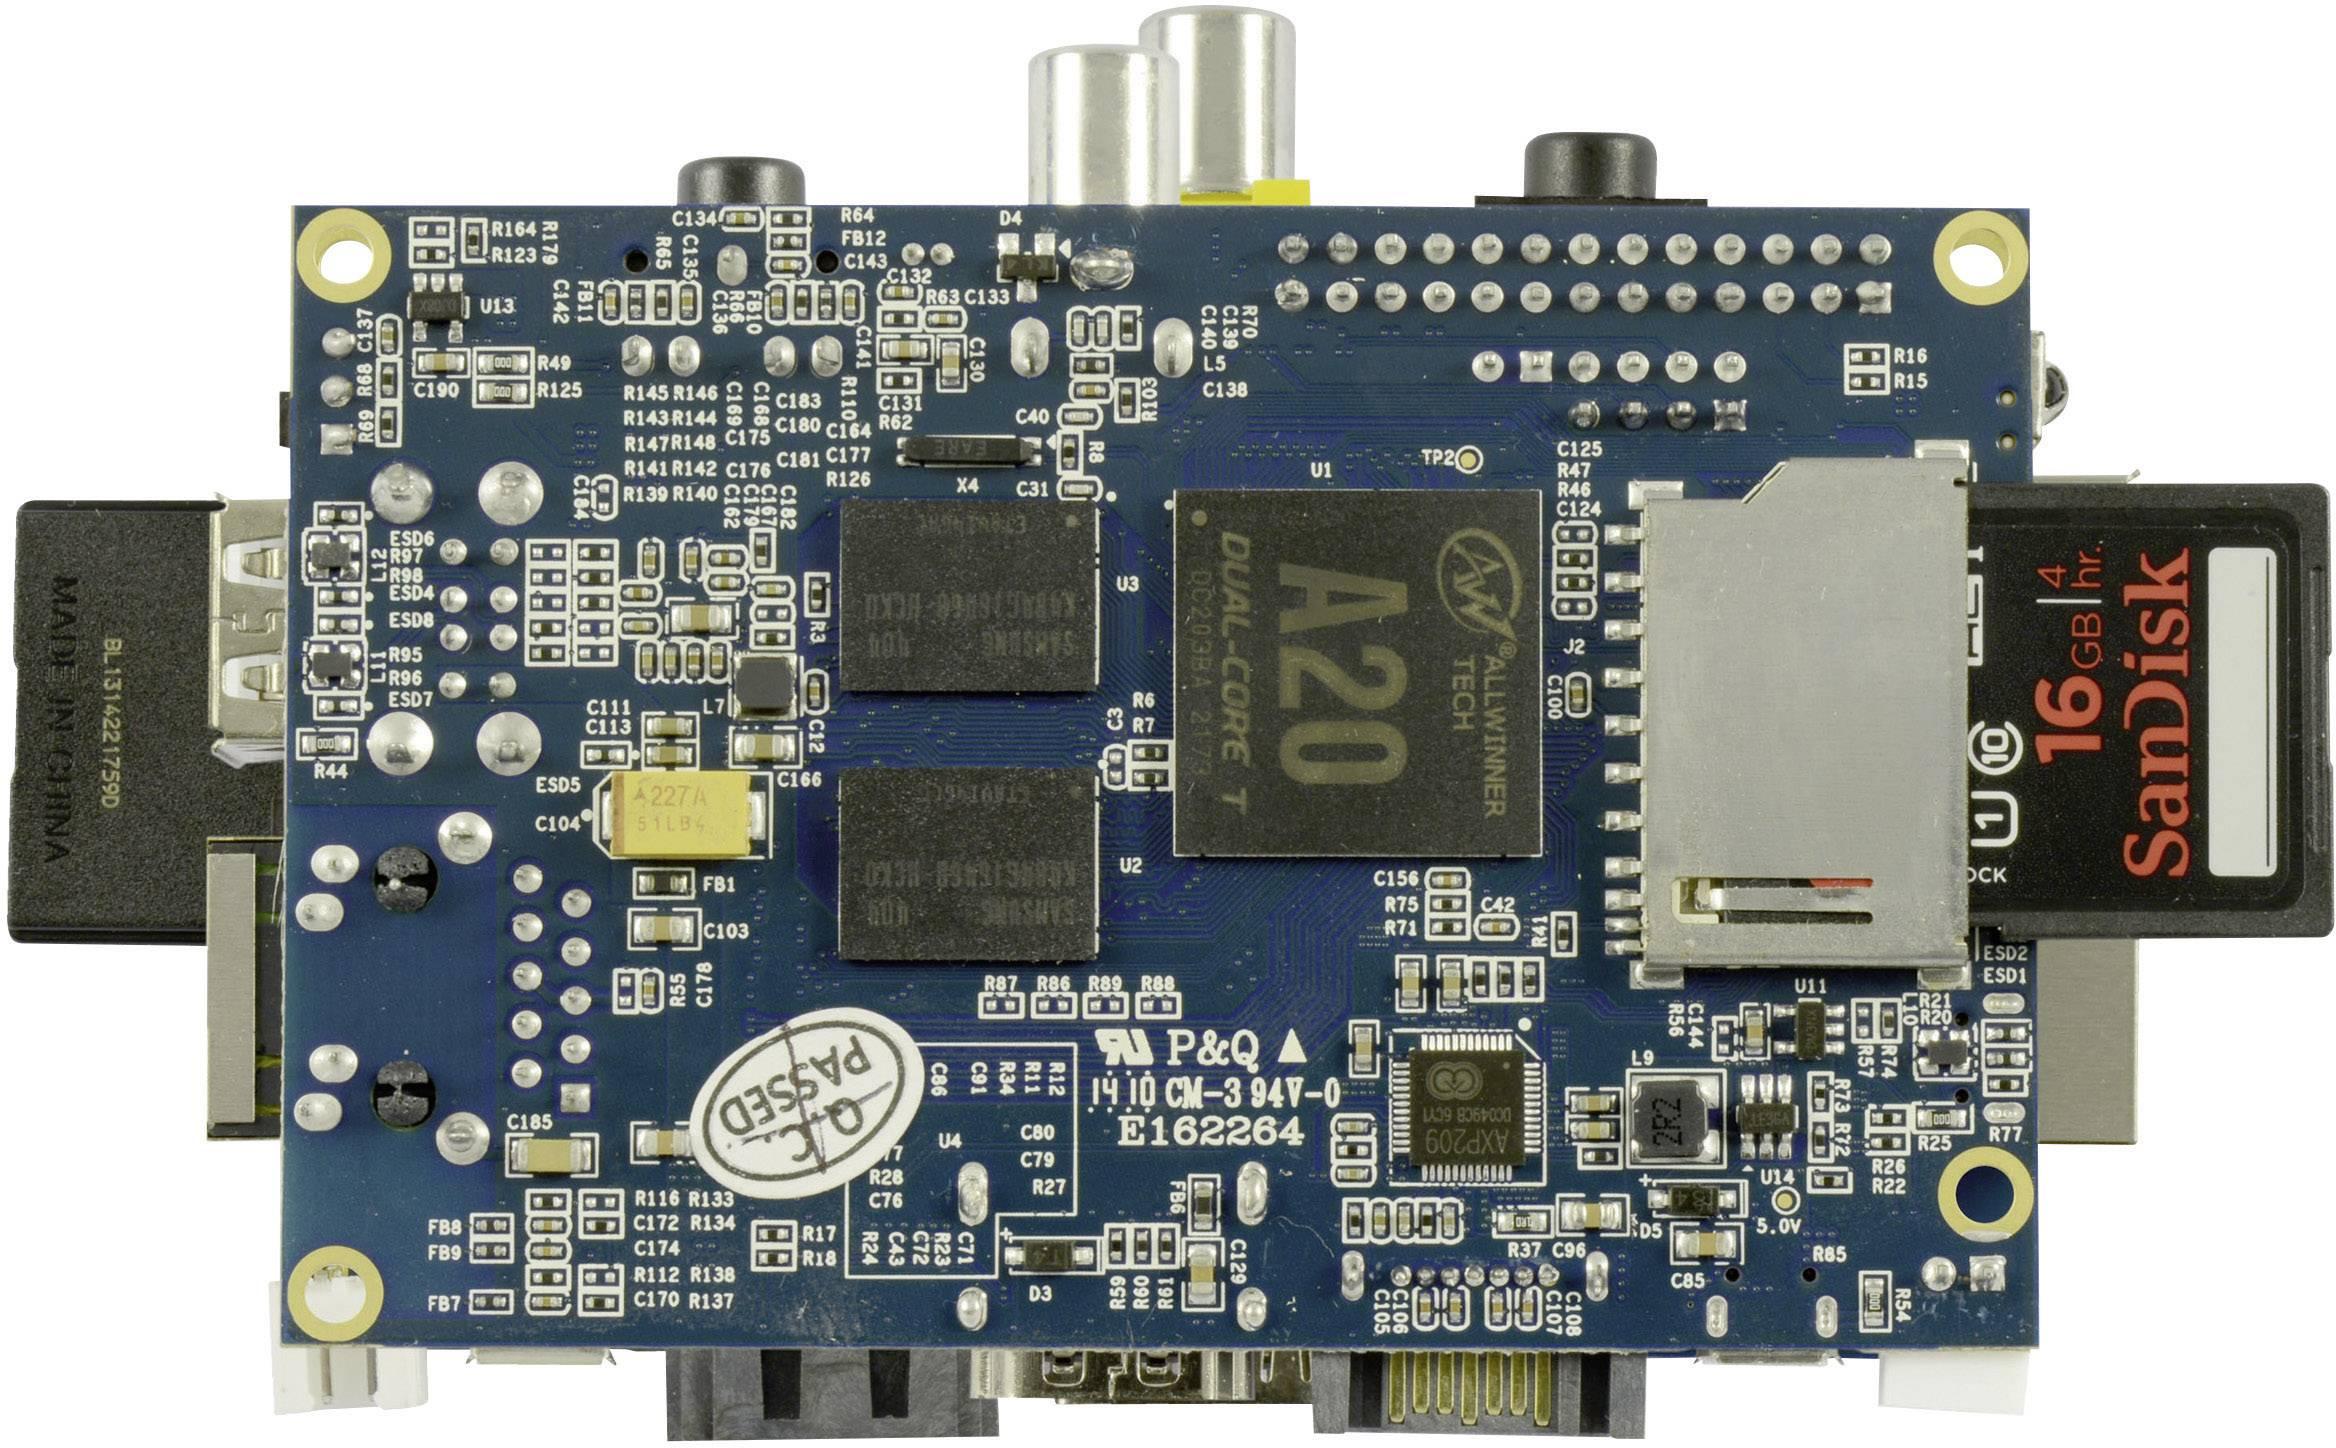 ALLNET Banana Pi Allnet banana pi board, 1 GB, bez operačného systému